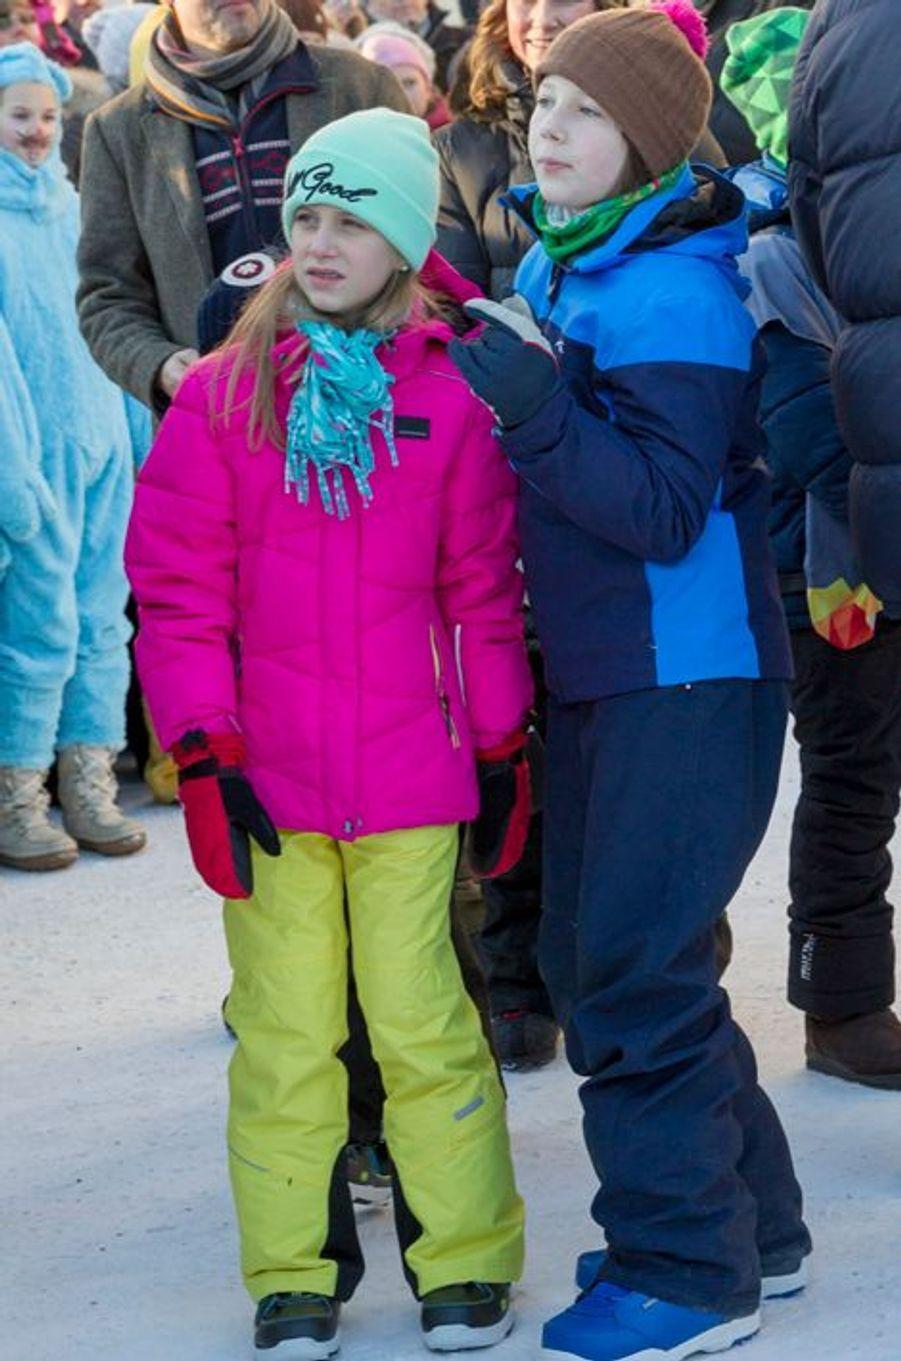 Leah Isadora et Maud Angelica Behn, les filles aînées de la princesse Martha Louise de Norvège à Oslo, le 17 janvier 2016